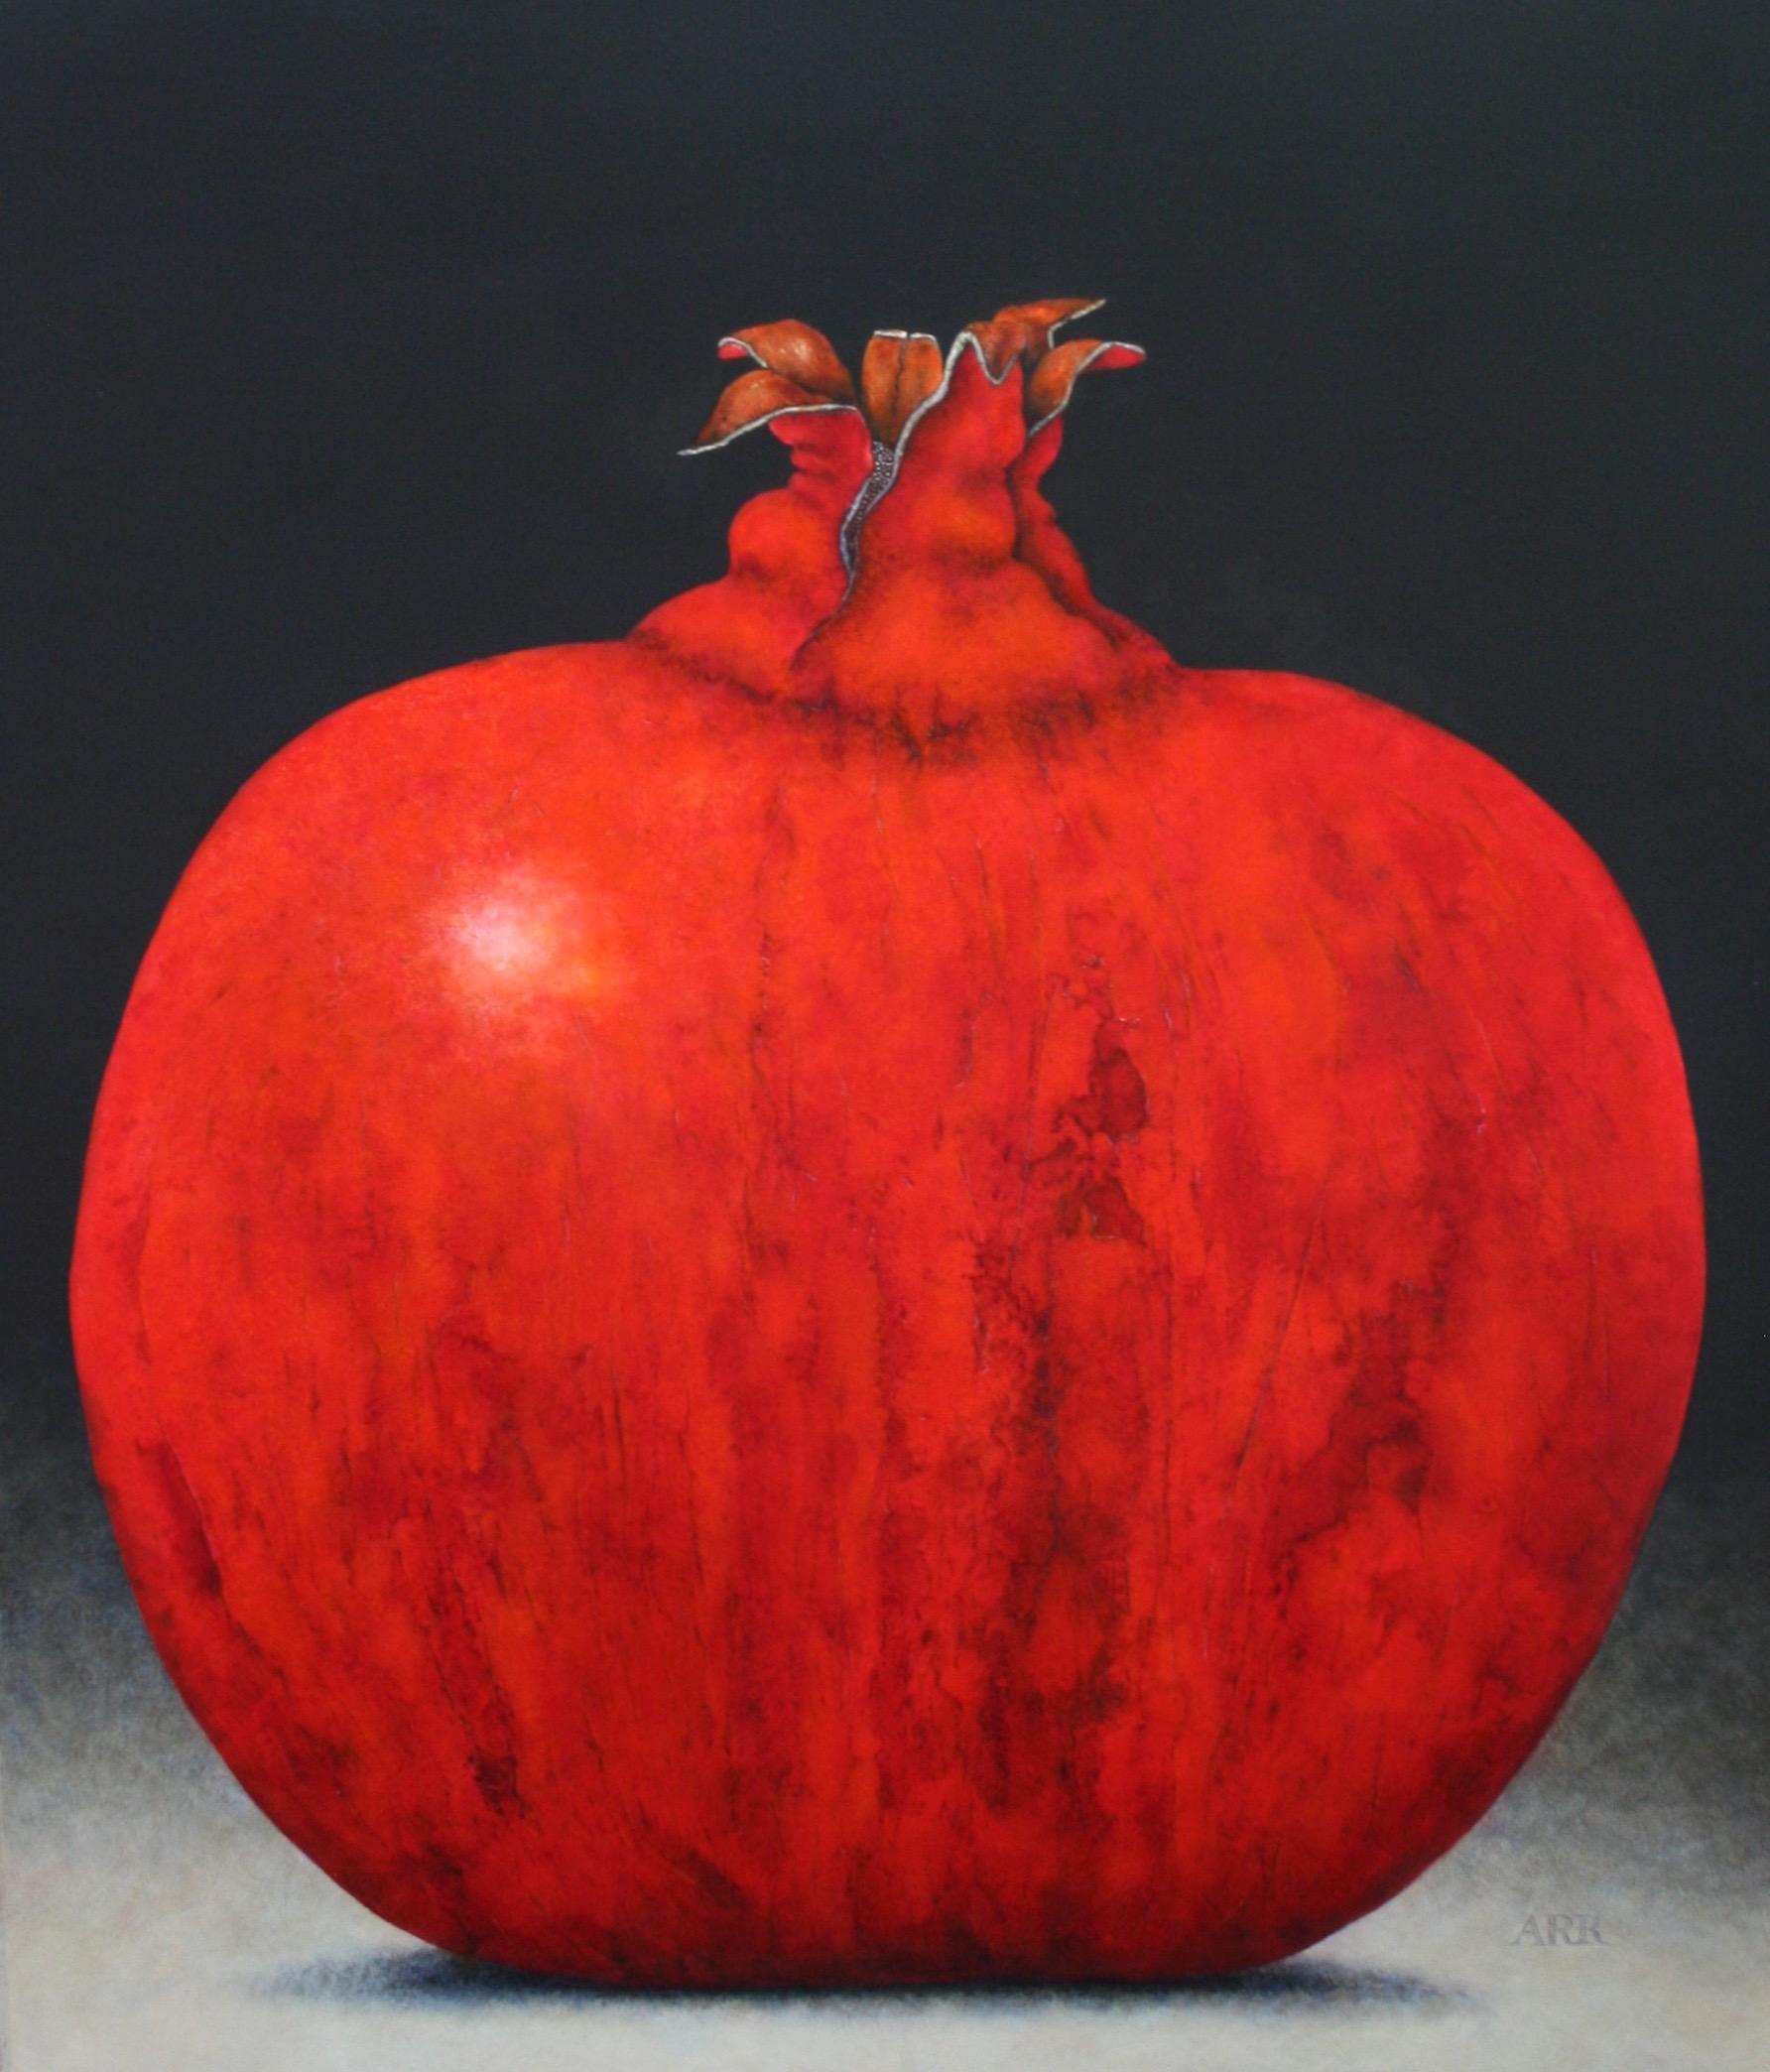 Pomegranate - extra large